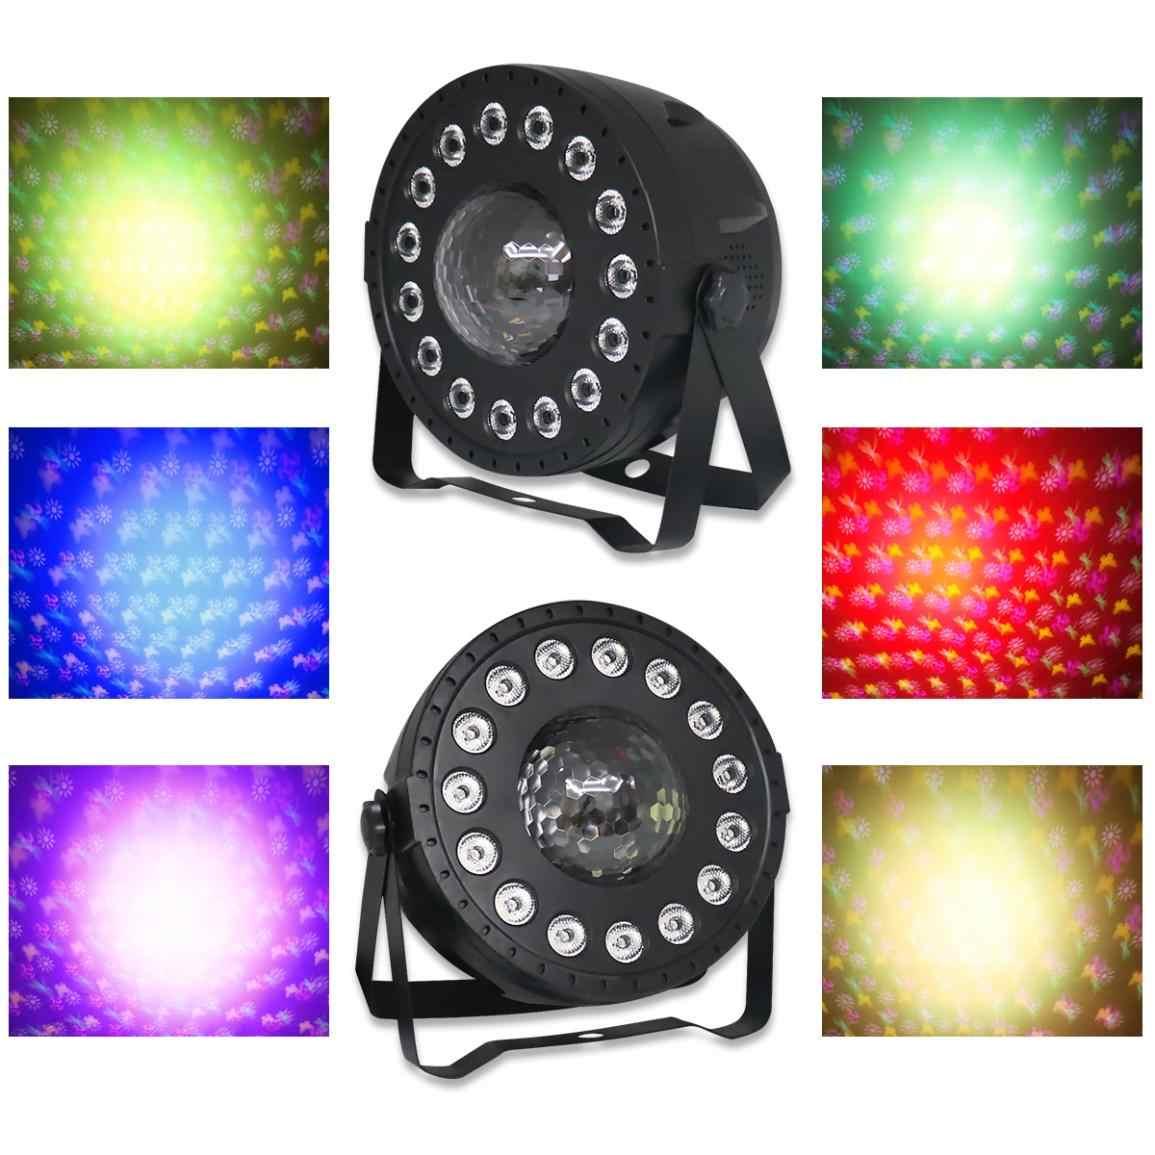 SP102 30W Two-In-Salah Satu Pola Pencelupan Lampu PAR LED dengan Kontrol Suara/Auto/DMX512 /Master-Slave/Nirkabel RF Remote Control